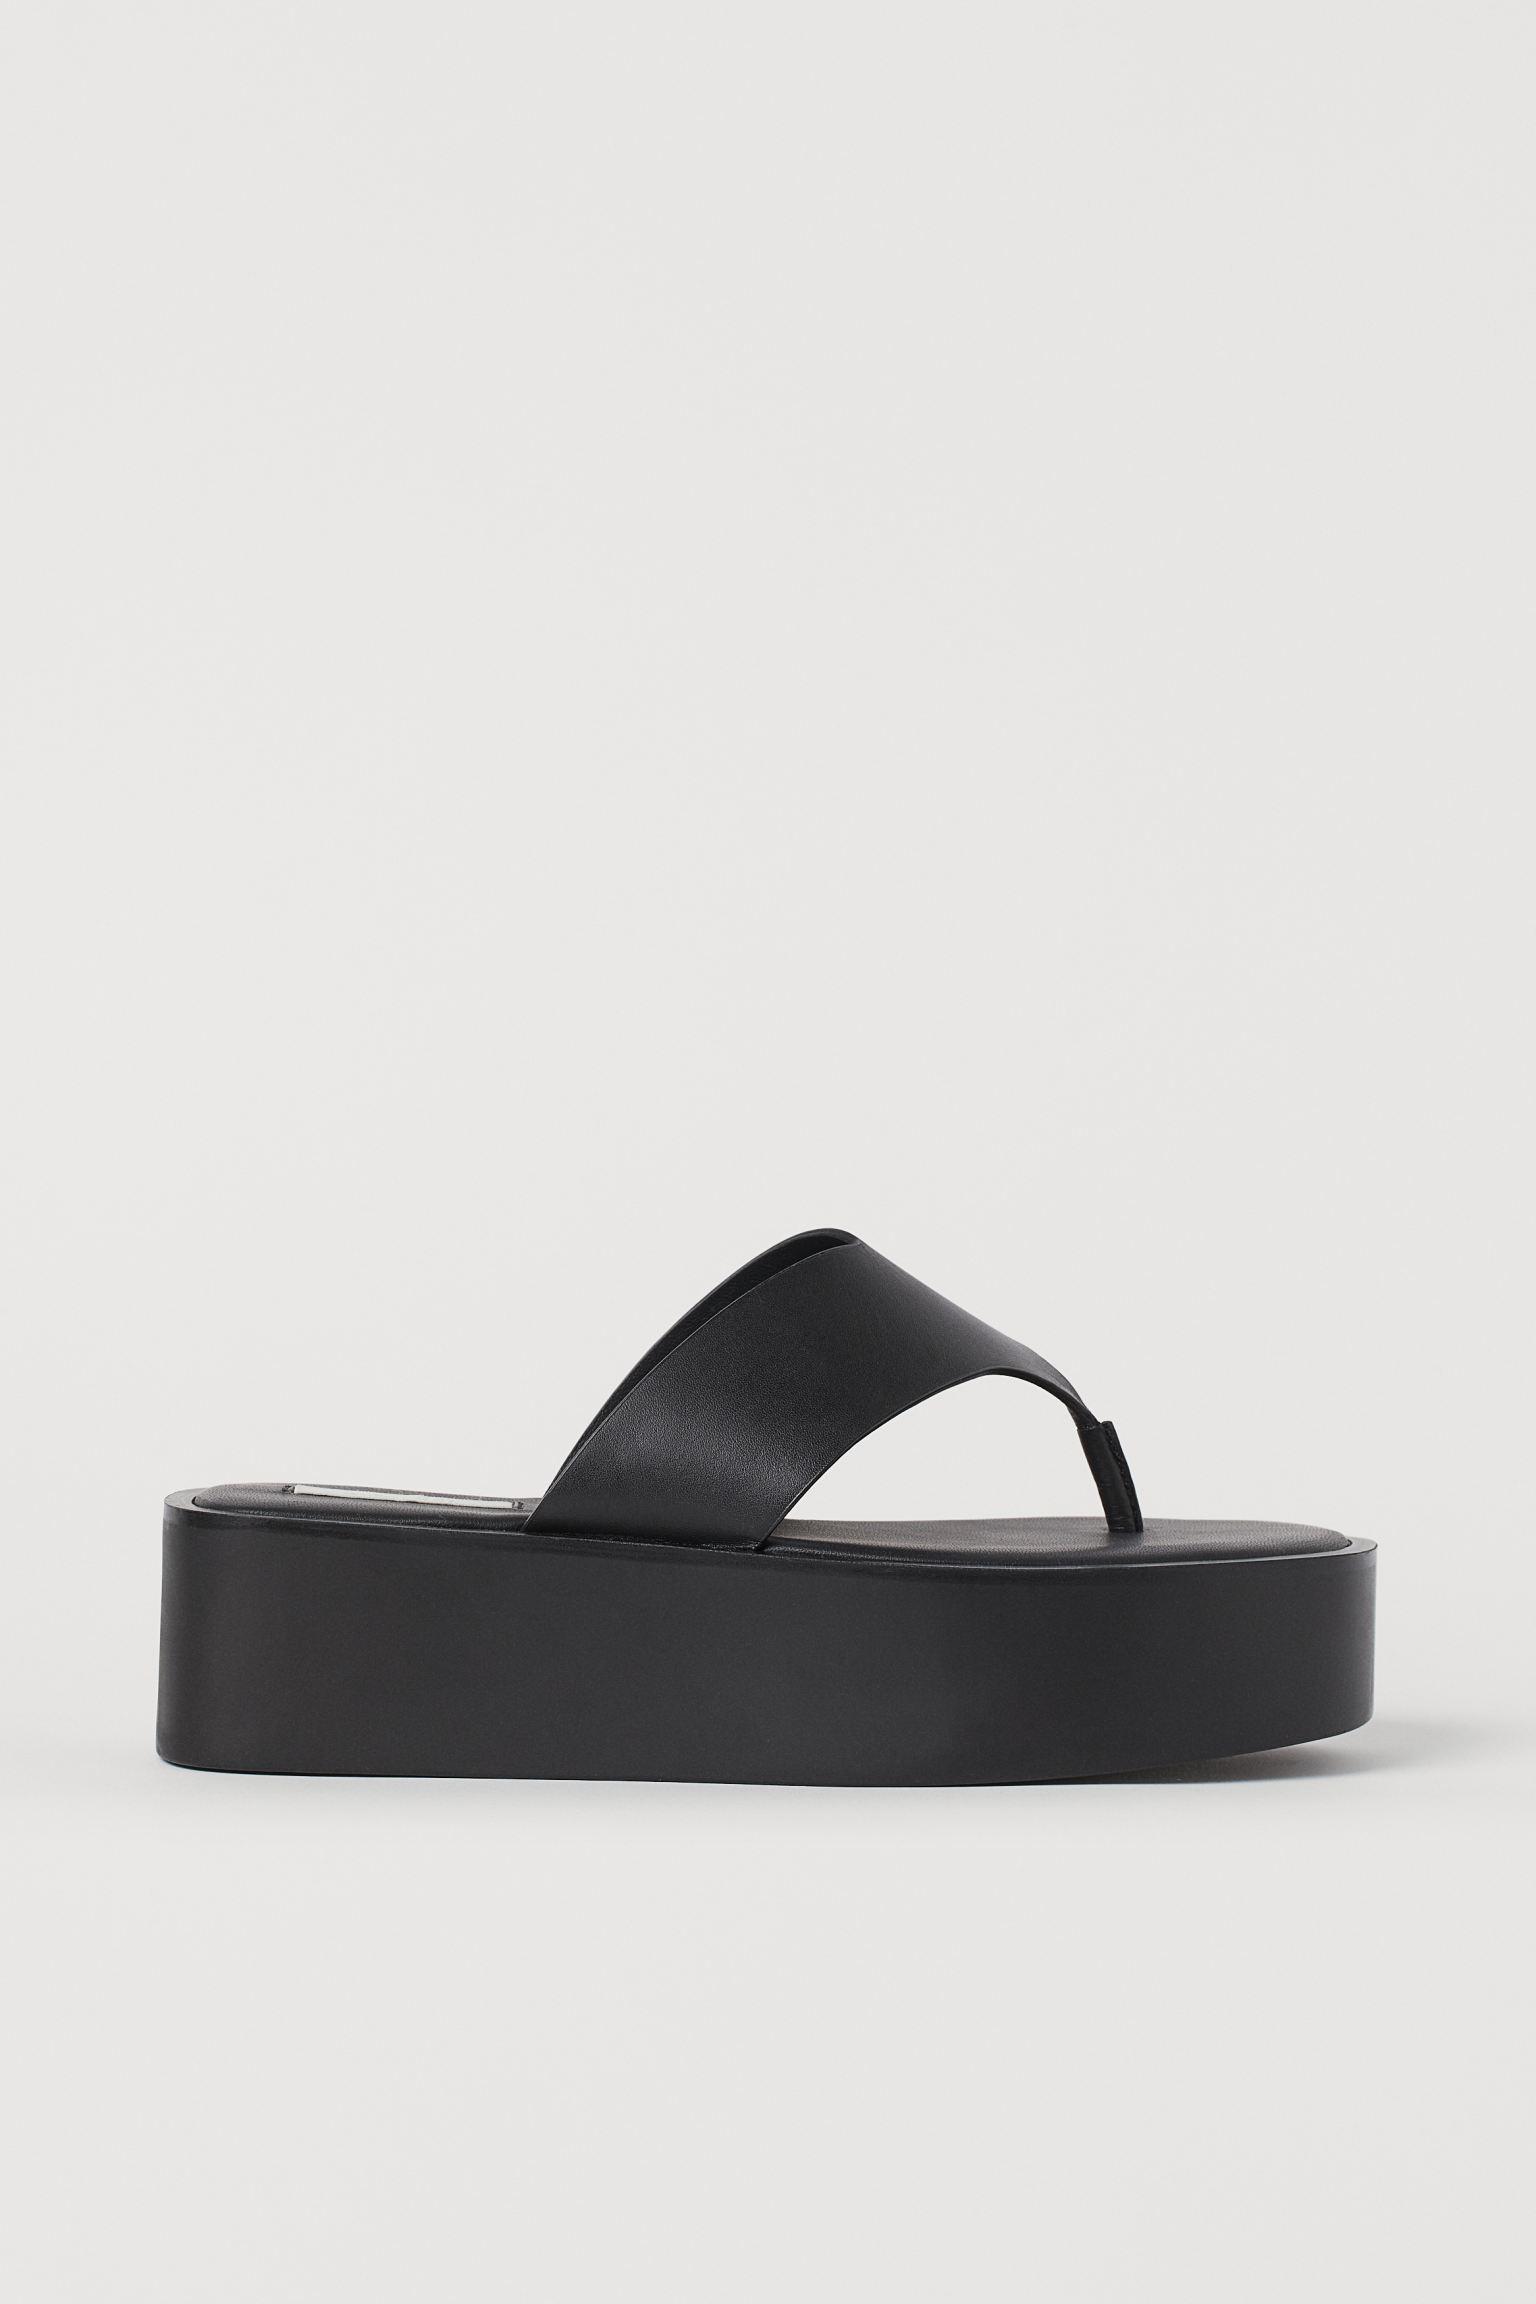 Sandalias de plataforma en piel suave con tira en V en el empeine y tira fina para el dedo. Forro y plantillas de piel.